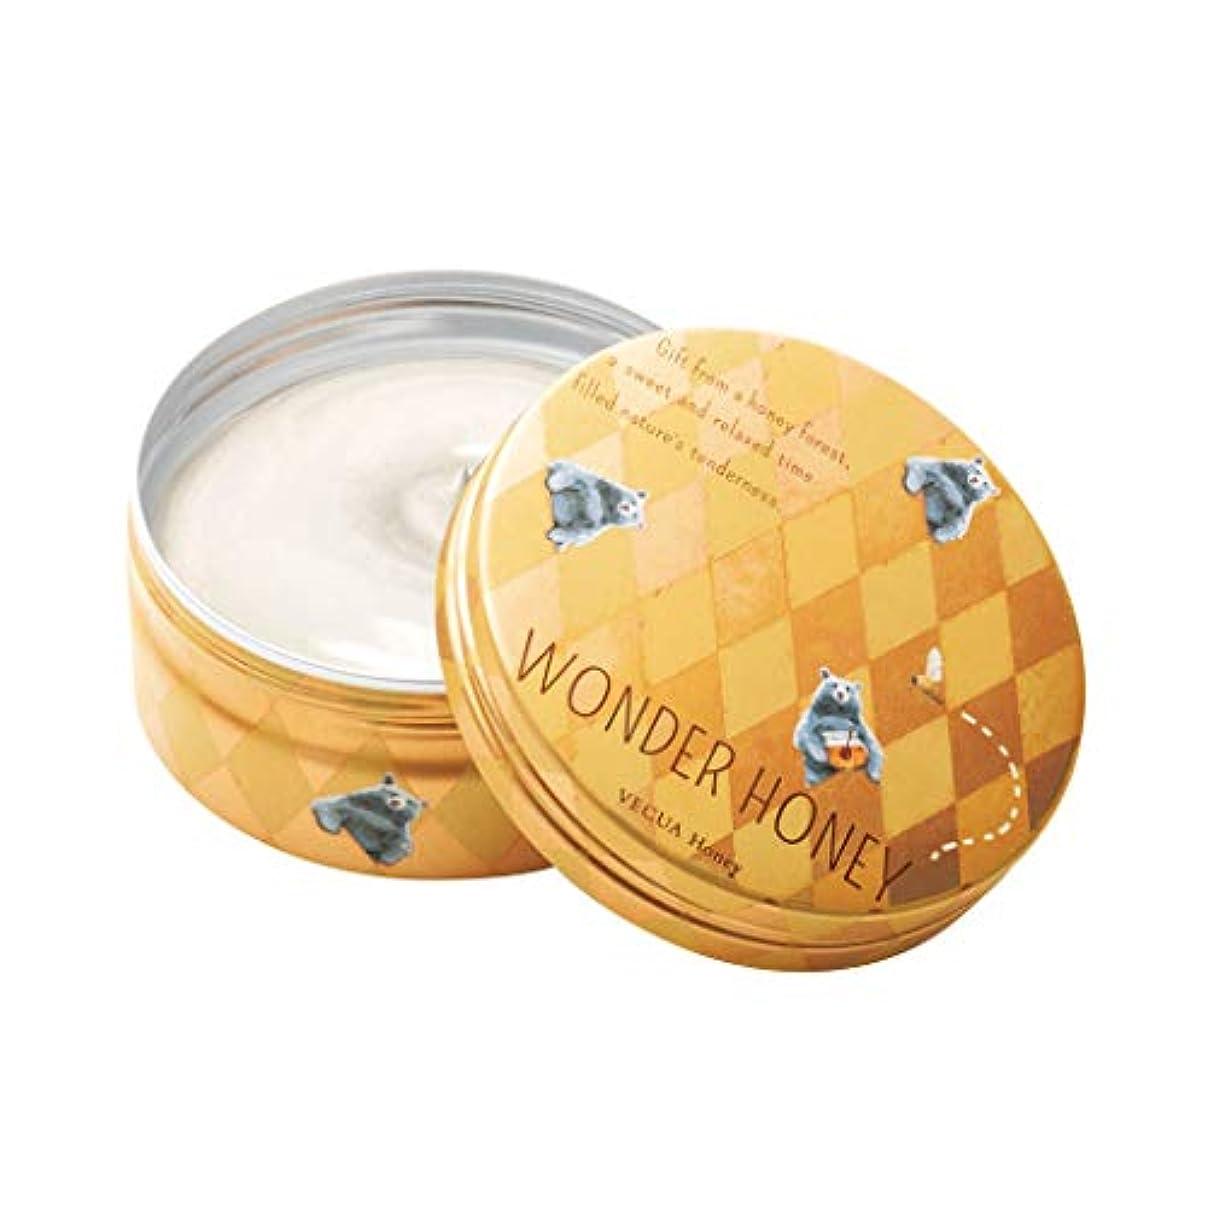 コース教室まどろみのあるベキュア ハニー(VECUA Honey) ワンダーハニー 濃蜜マルシェのクリームバーム アーガイル 75g